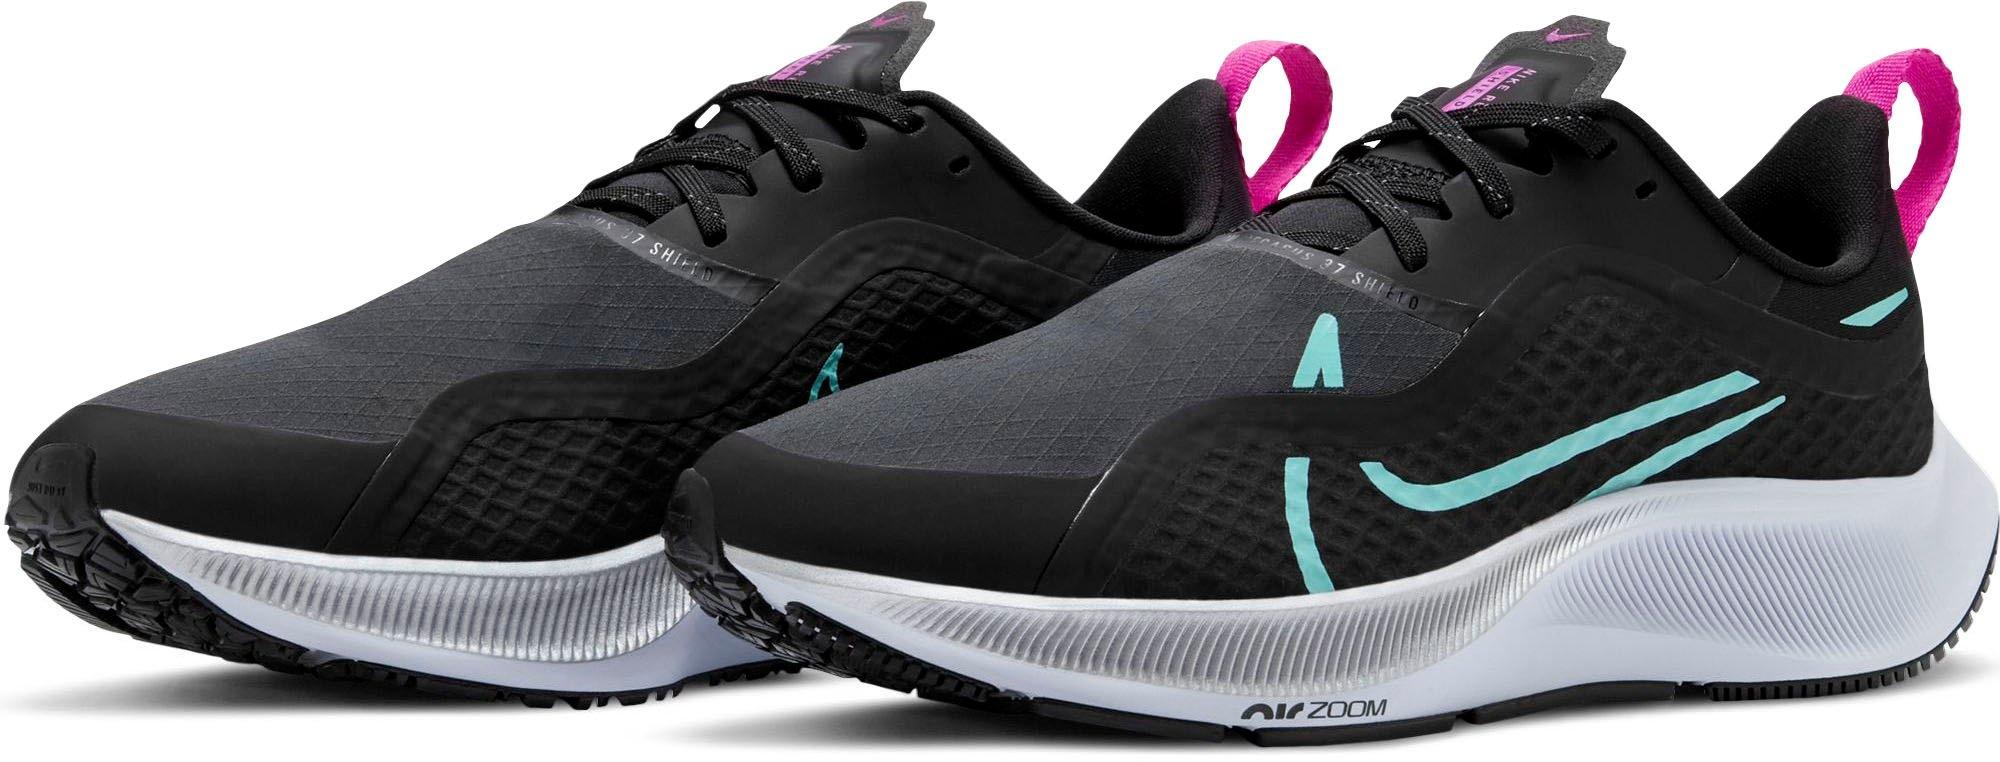 Nike runningschoenen »Wmns Air Zoom Pegasus 37 Shield« voordelig en veilig online kopen